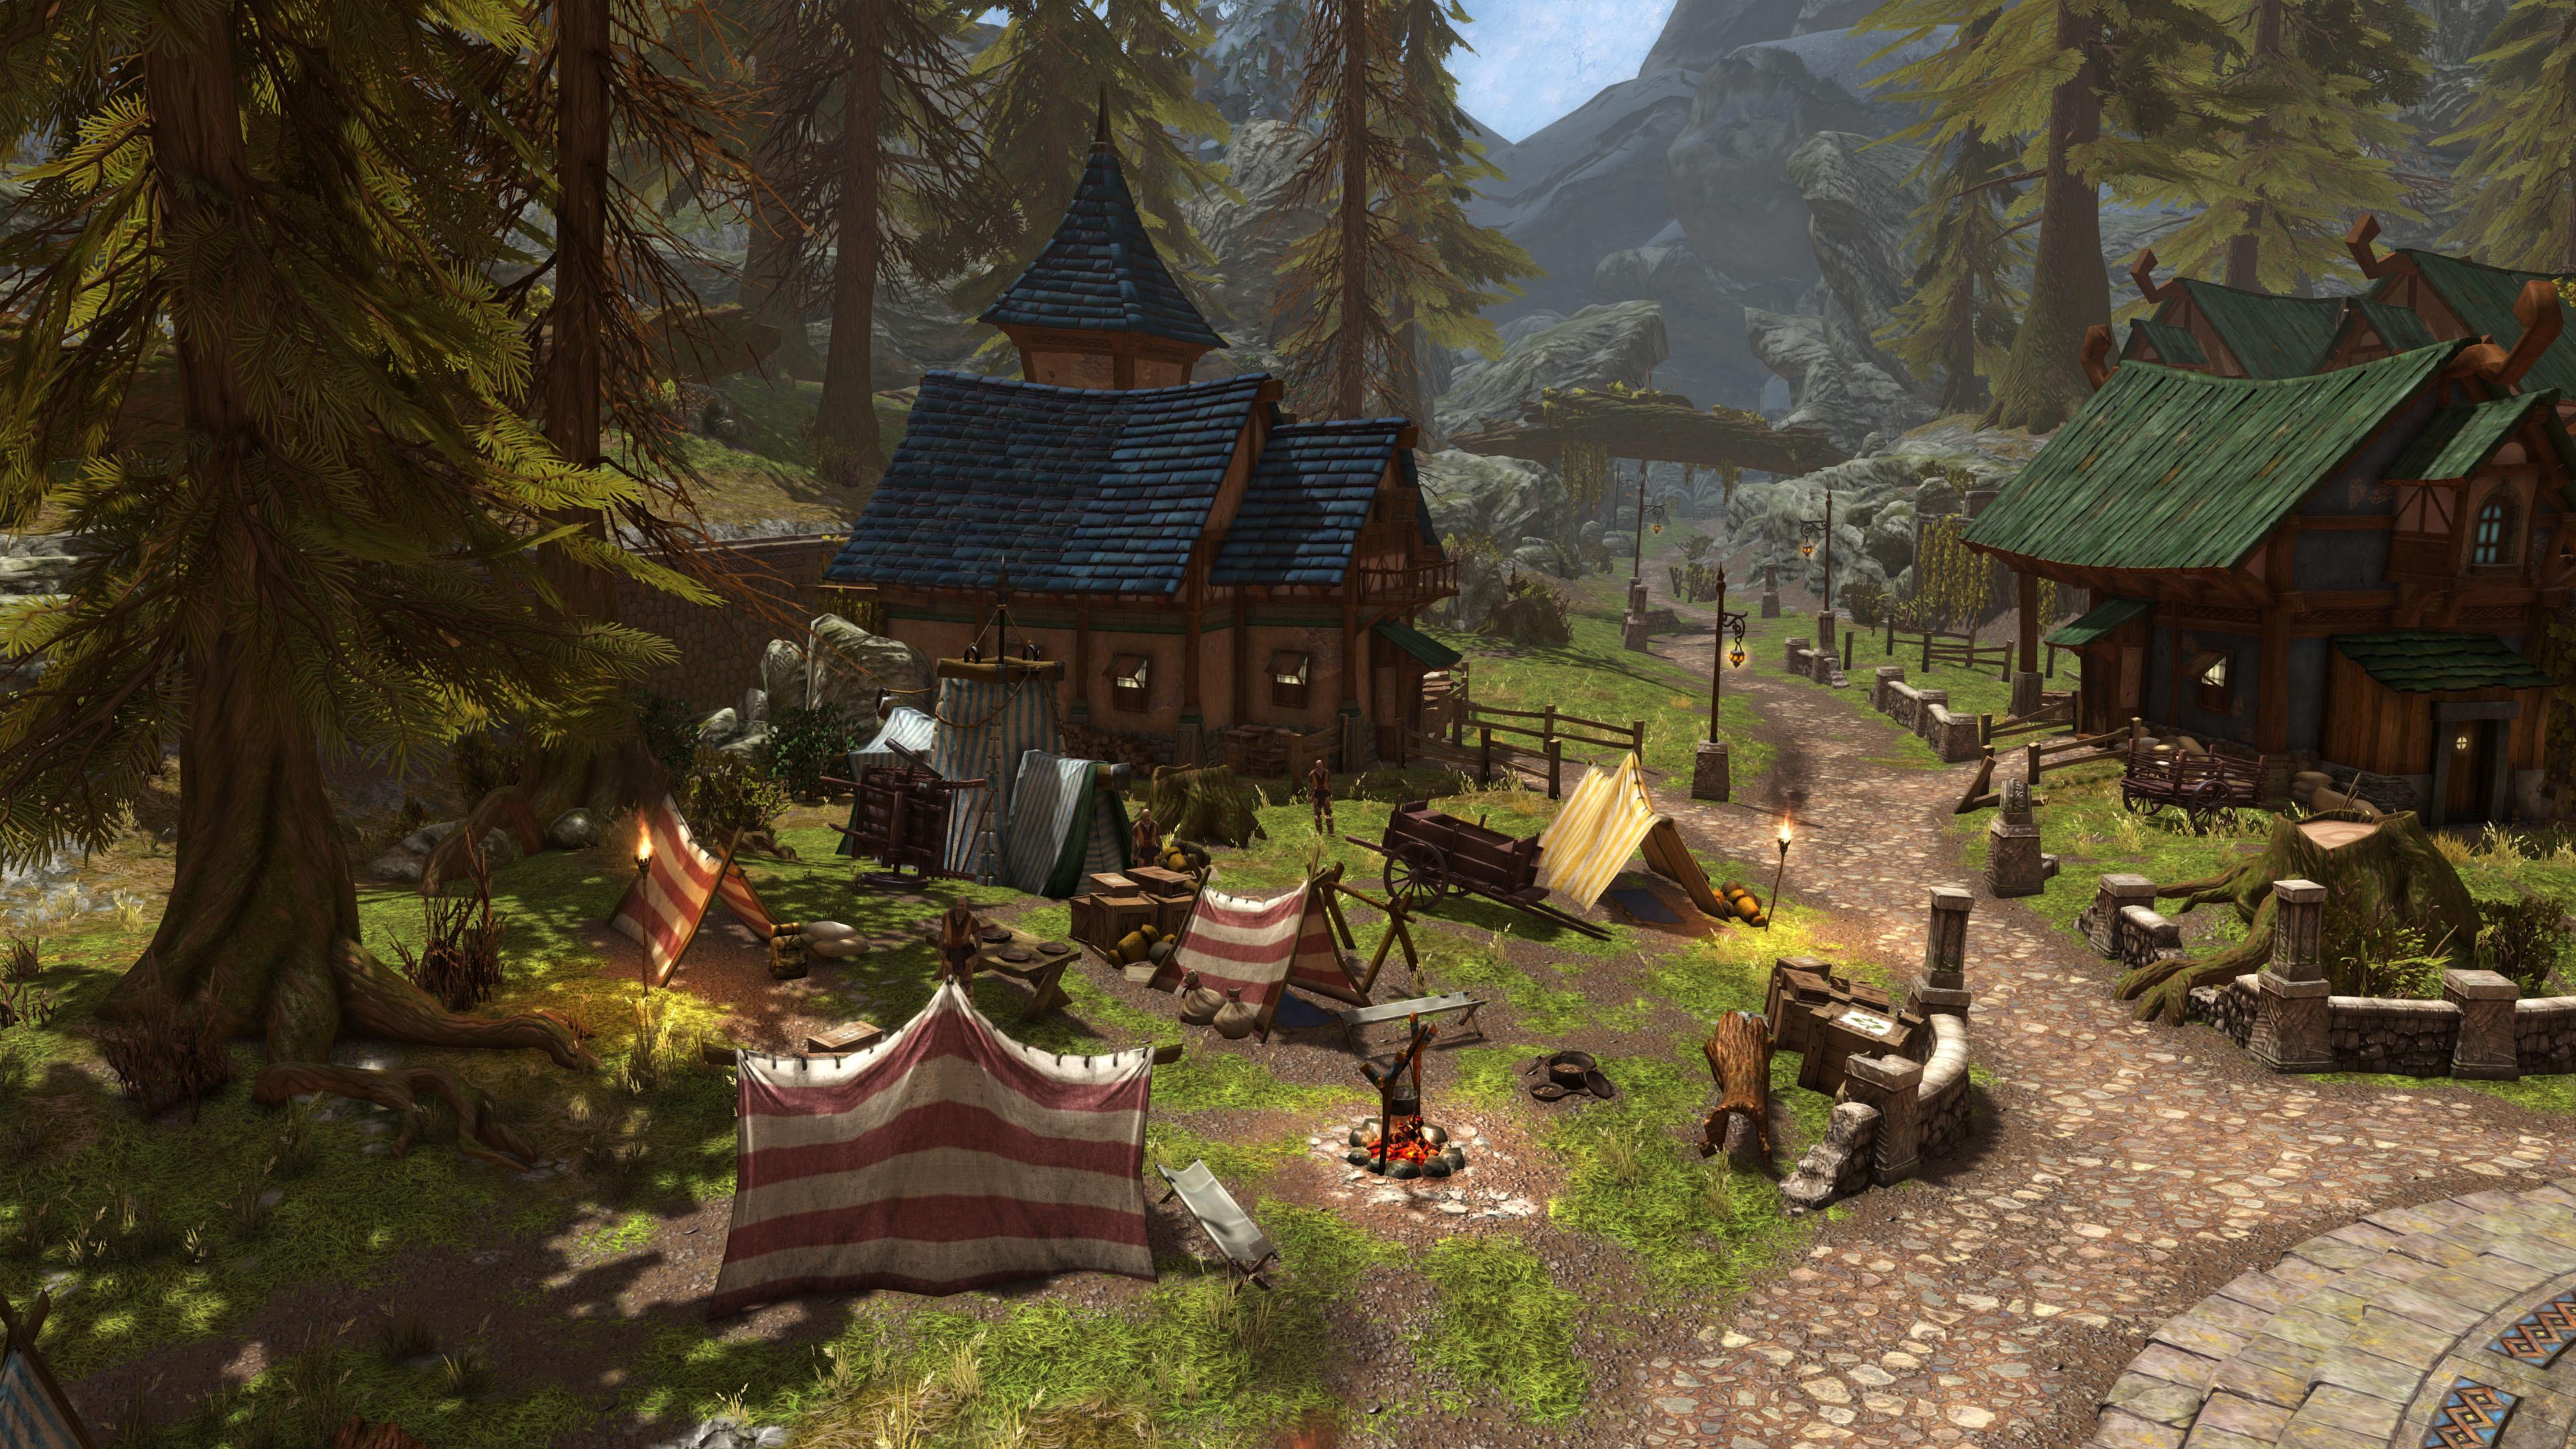 Разработчики Kingdoms of Amalur: Re-Reckoning показали первый скриншот из сюжетного аддона